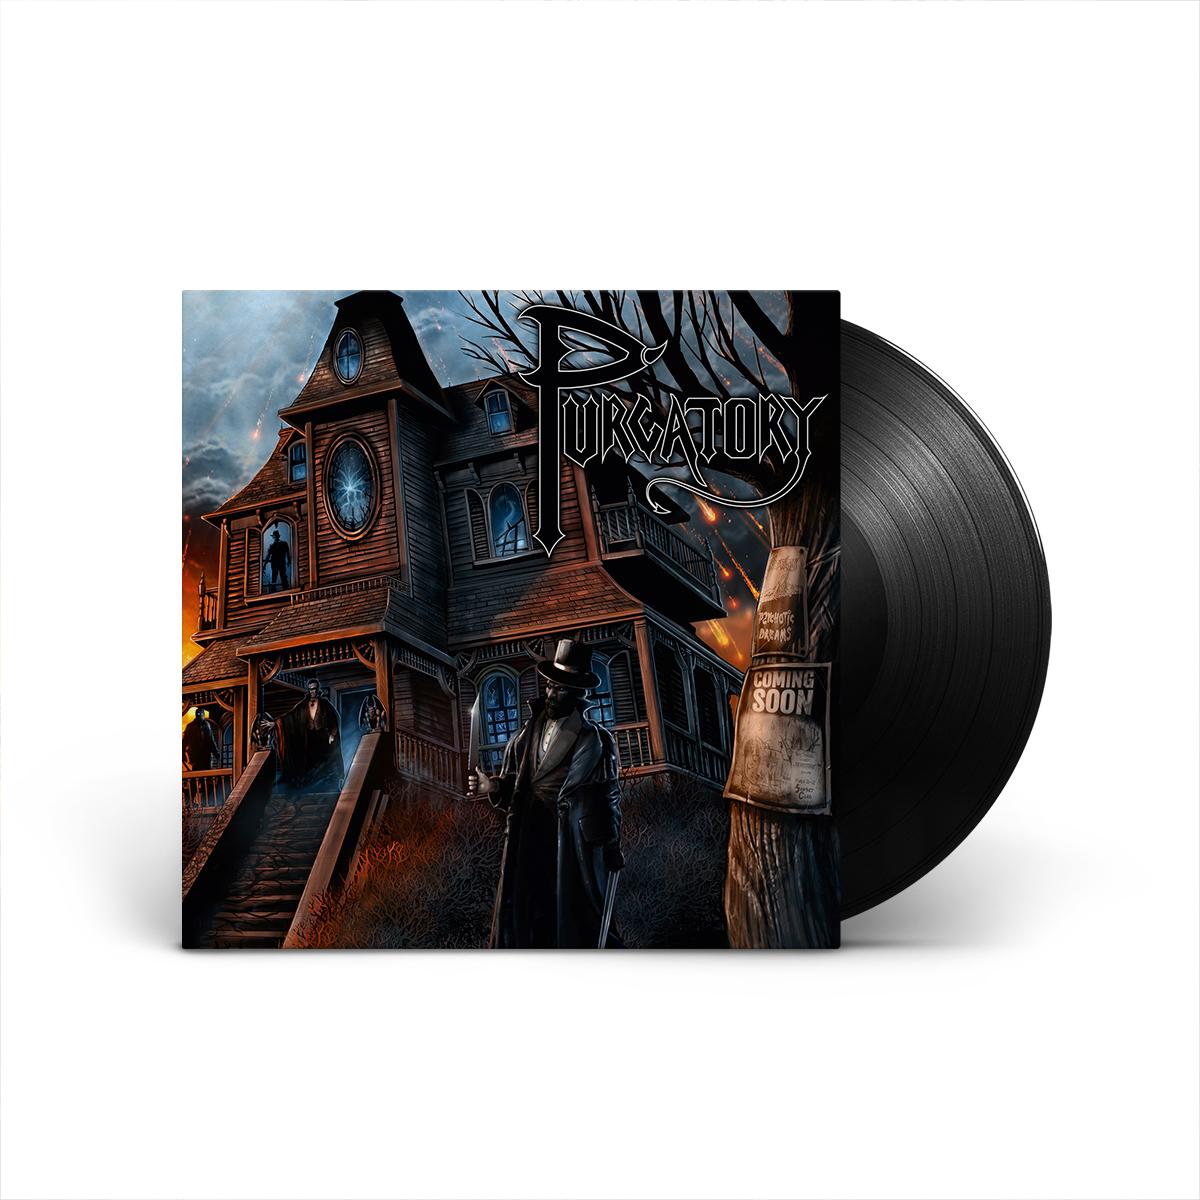 Jon Schaffer's Purgatory - Purgatory LP